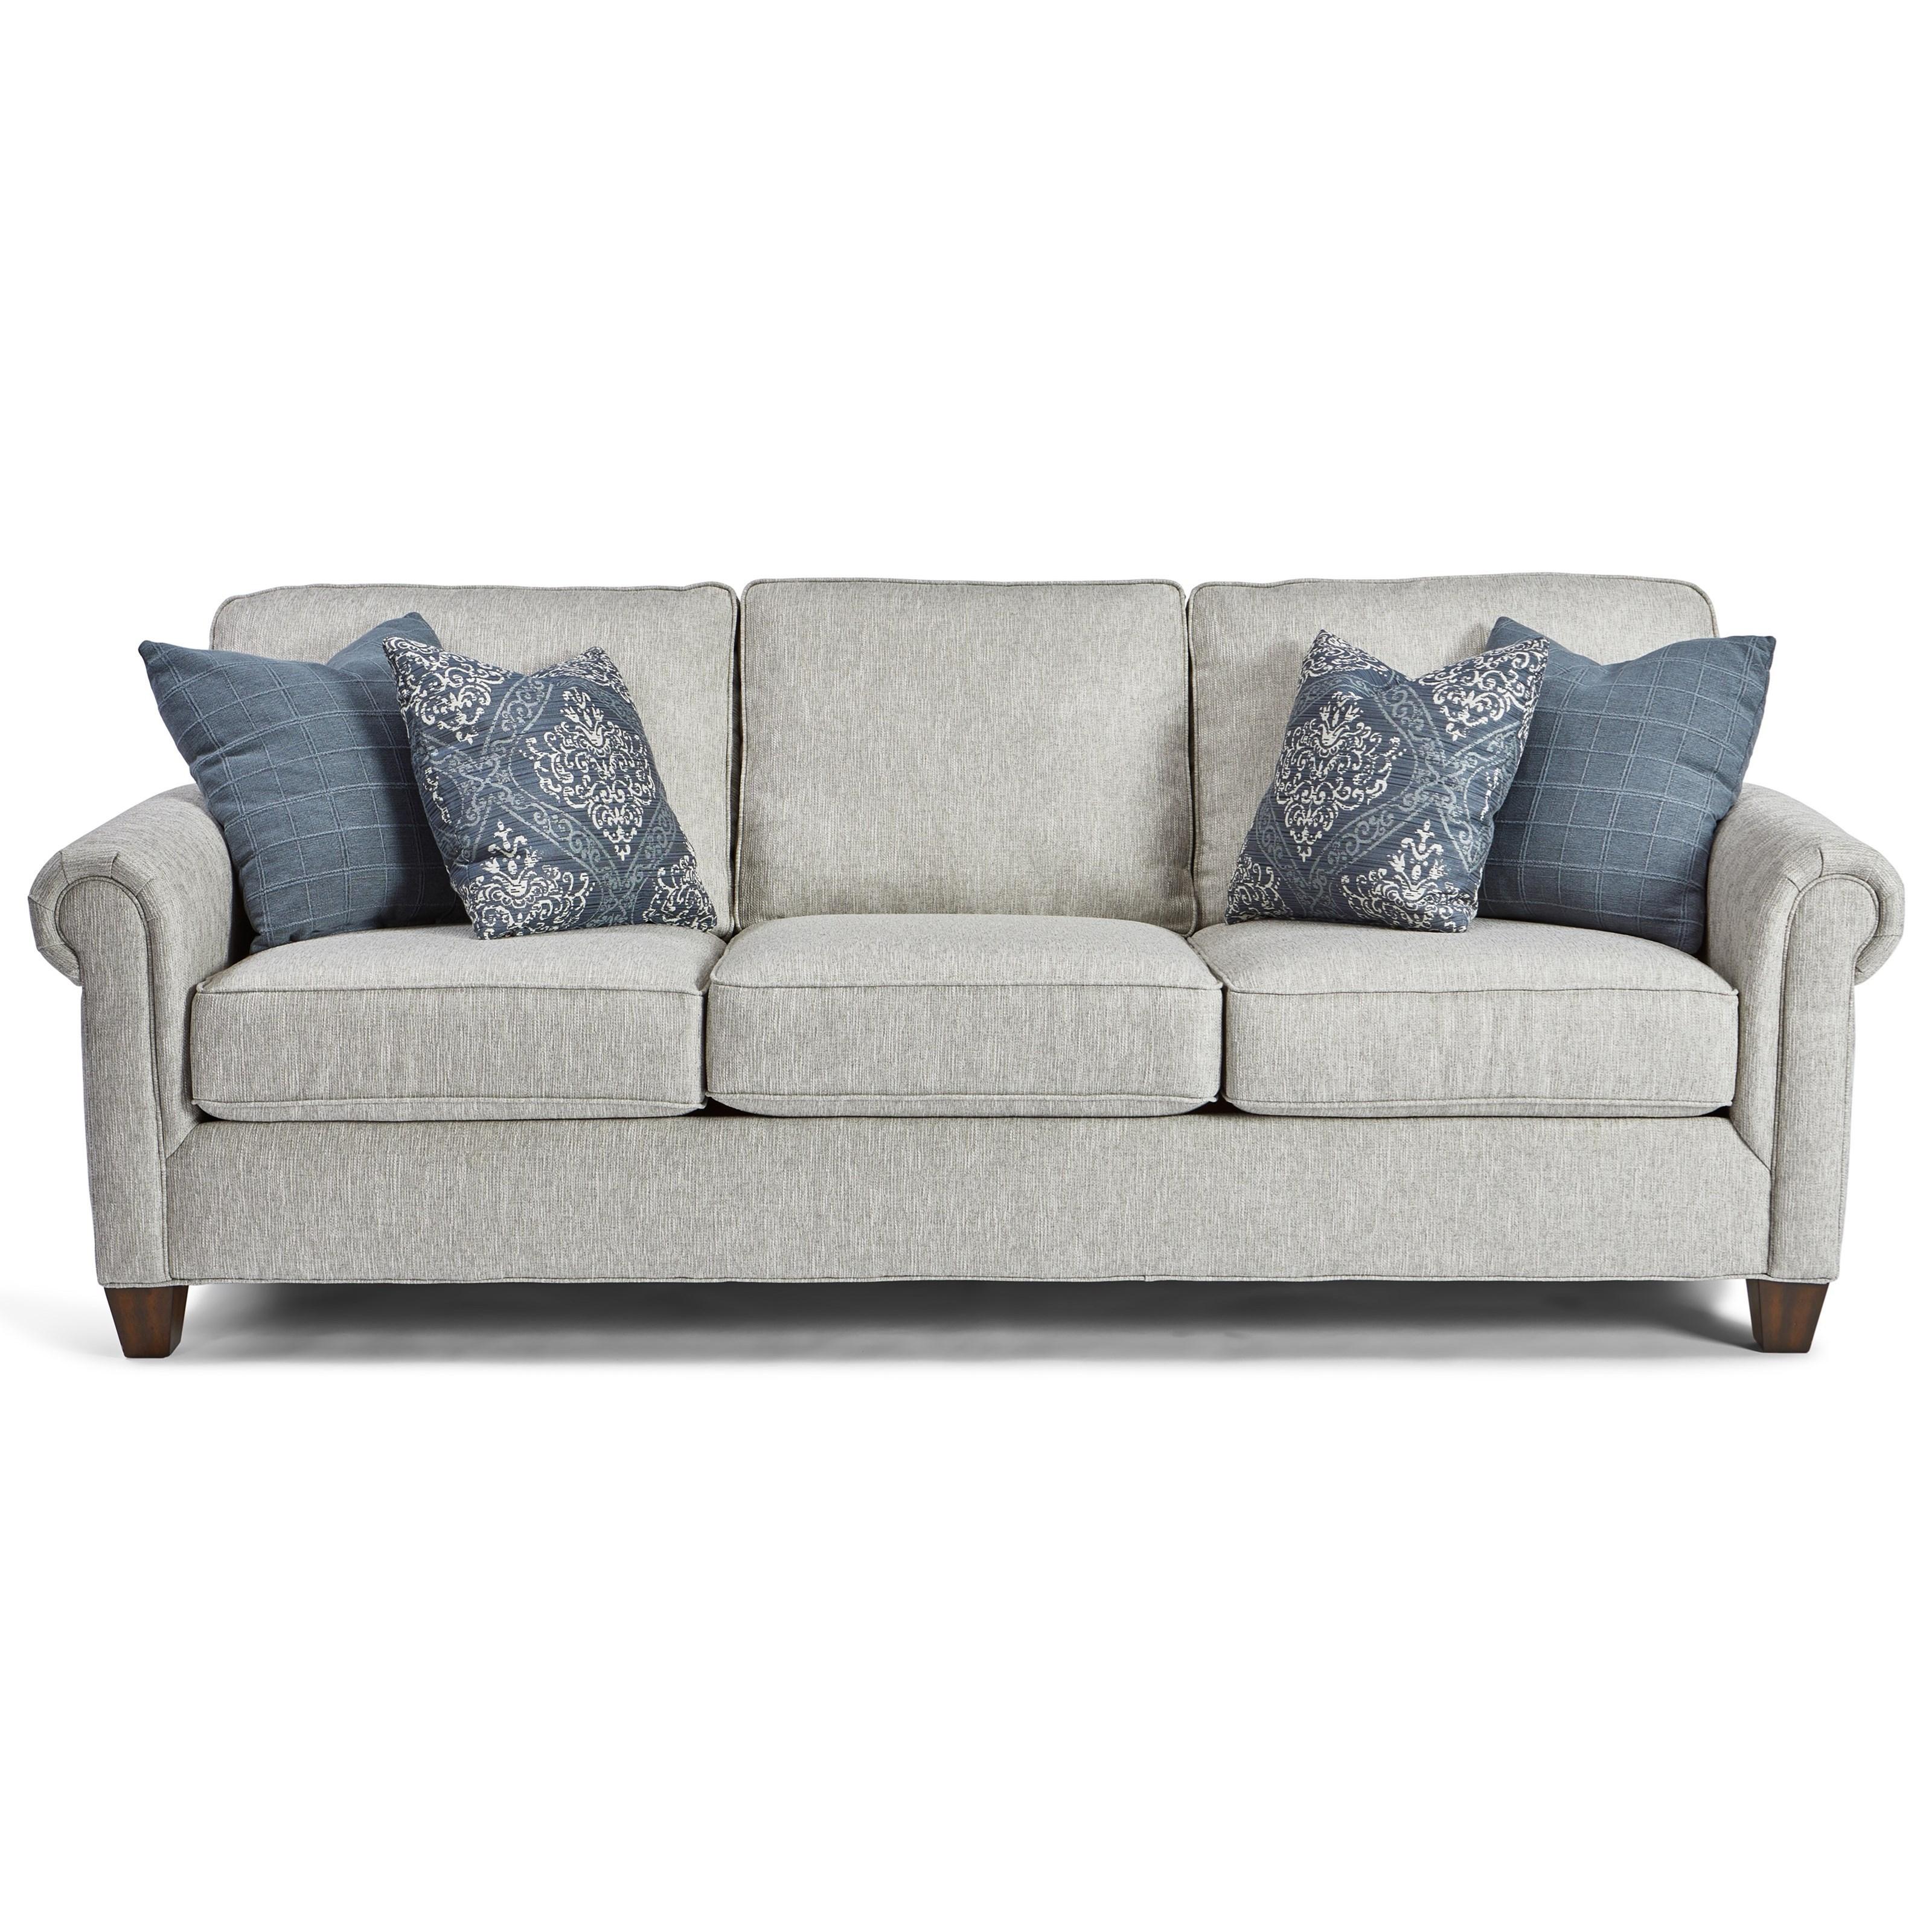 Bennett Sofa by Flexsteel at Jordan's Home Furnishings